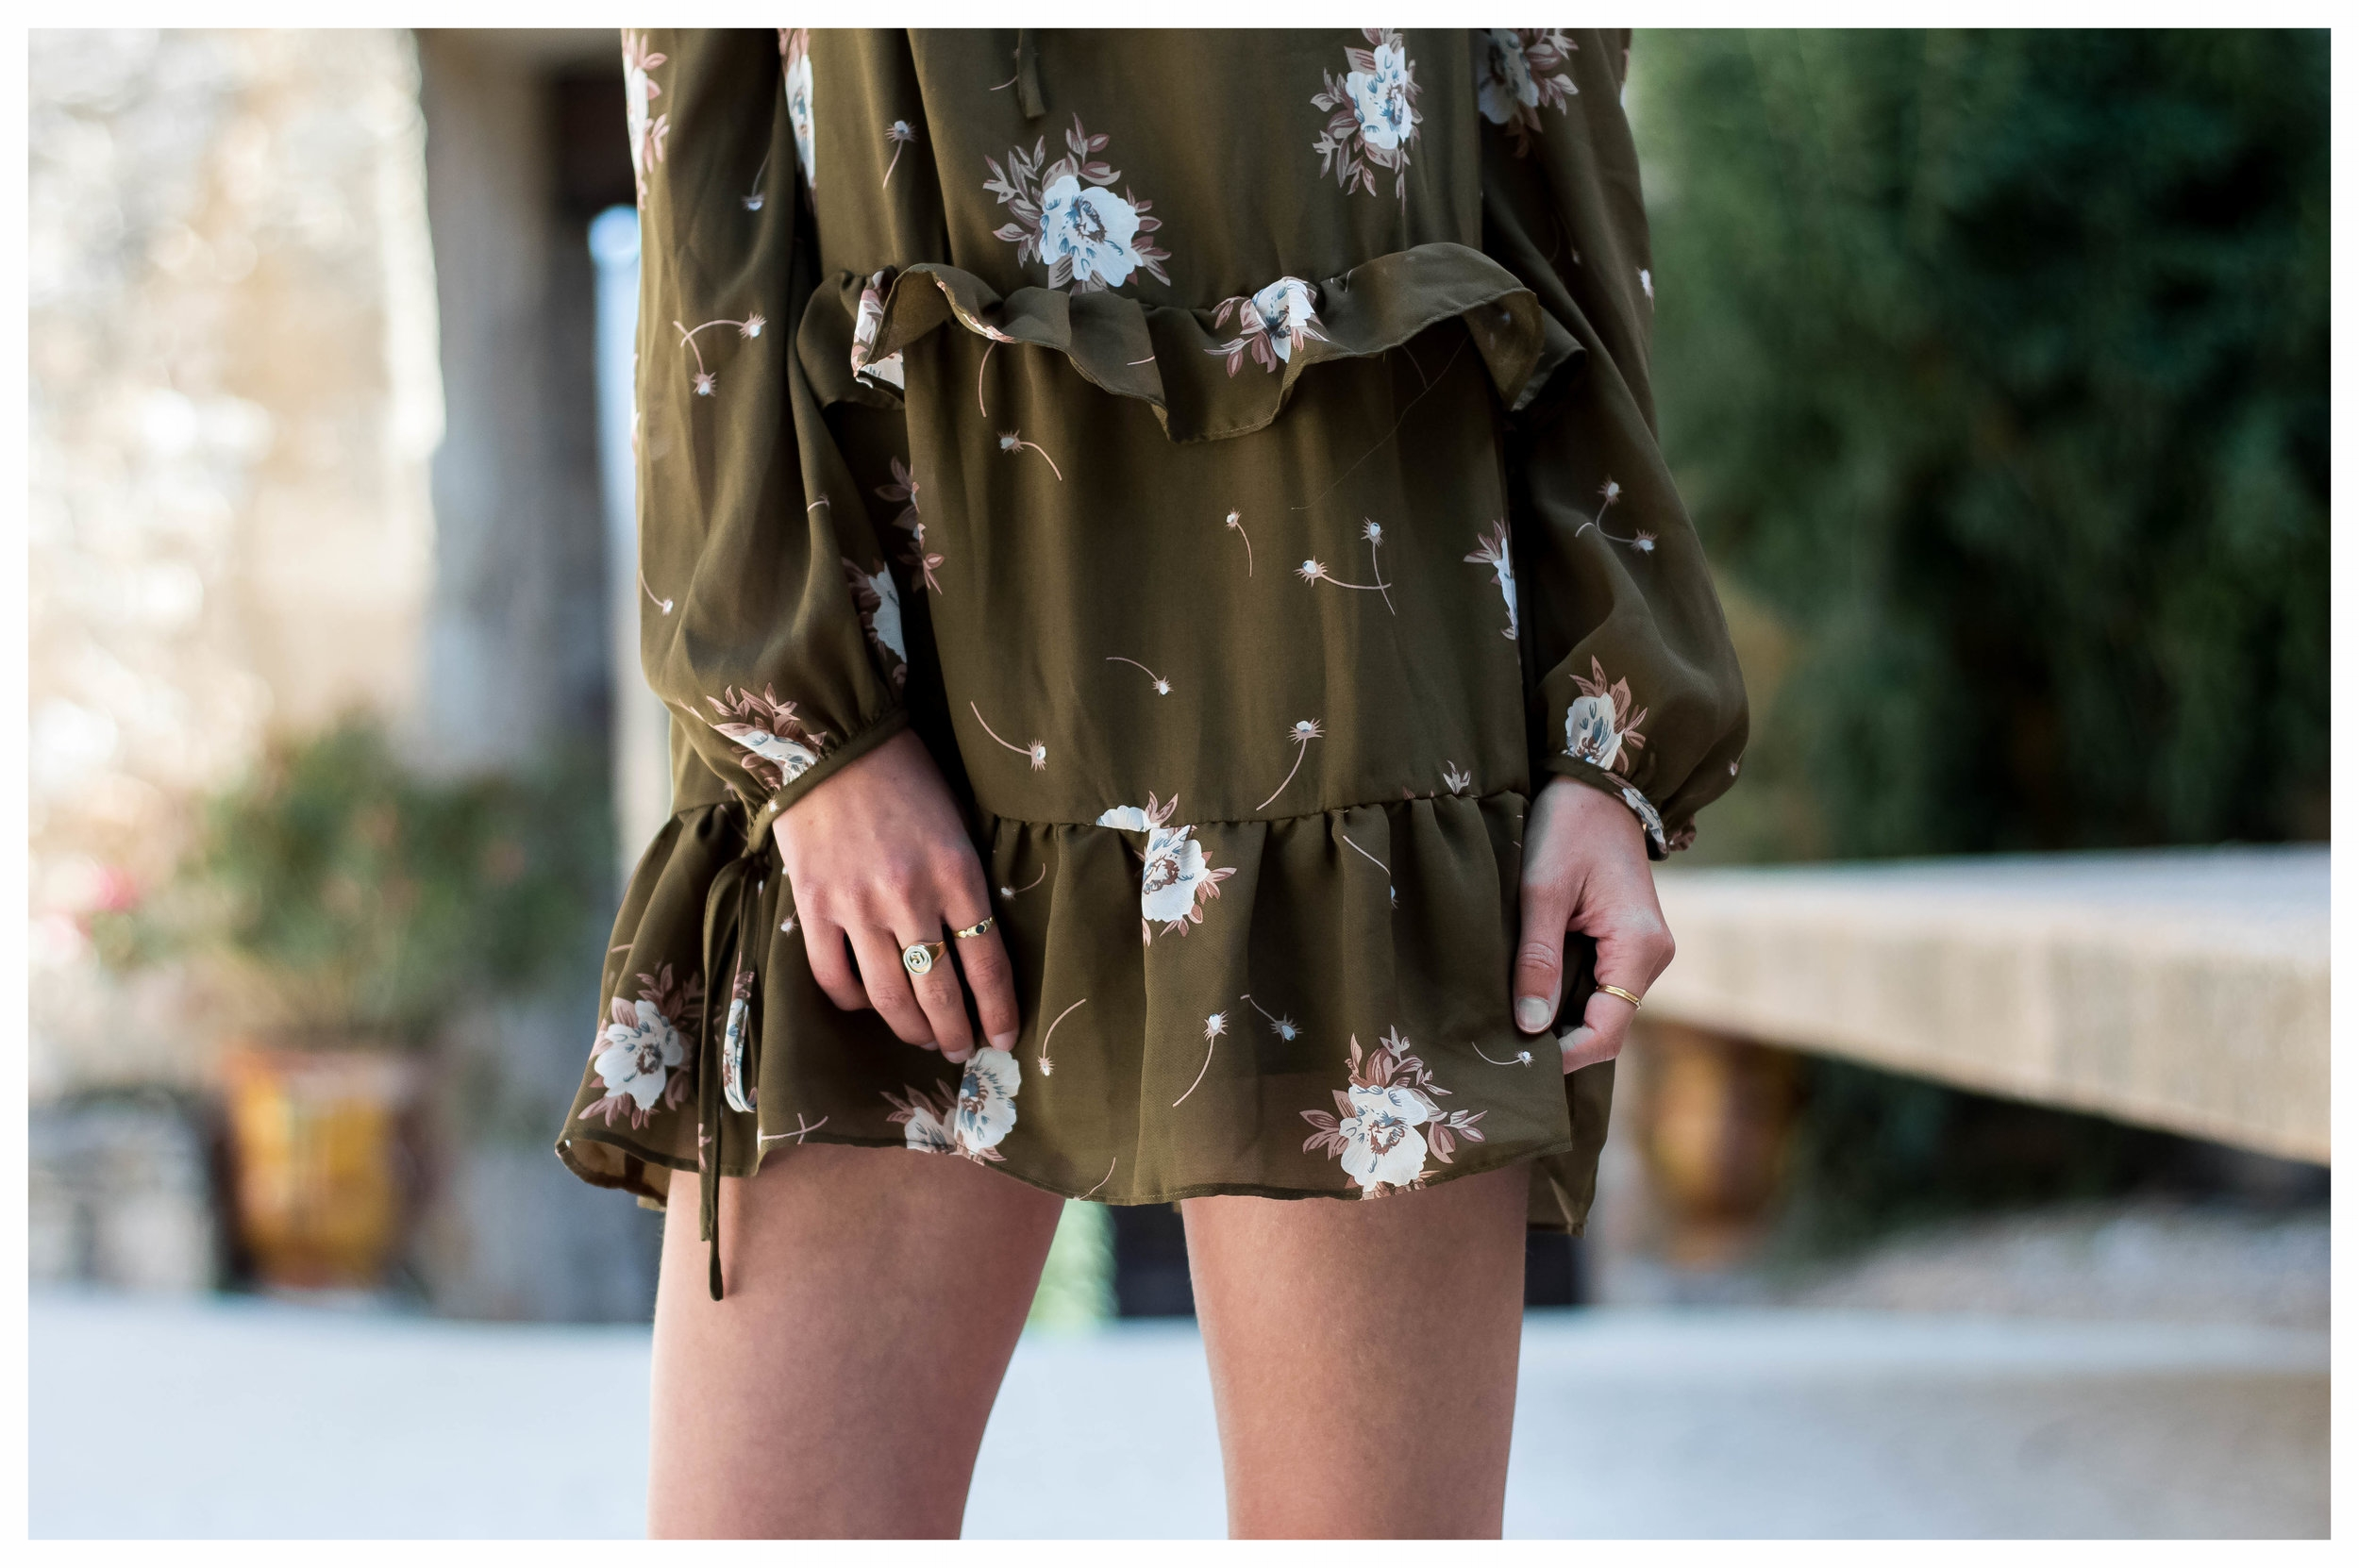 Cornillon Dress June - OSIARAH.COM (10 of 14).jpg